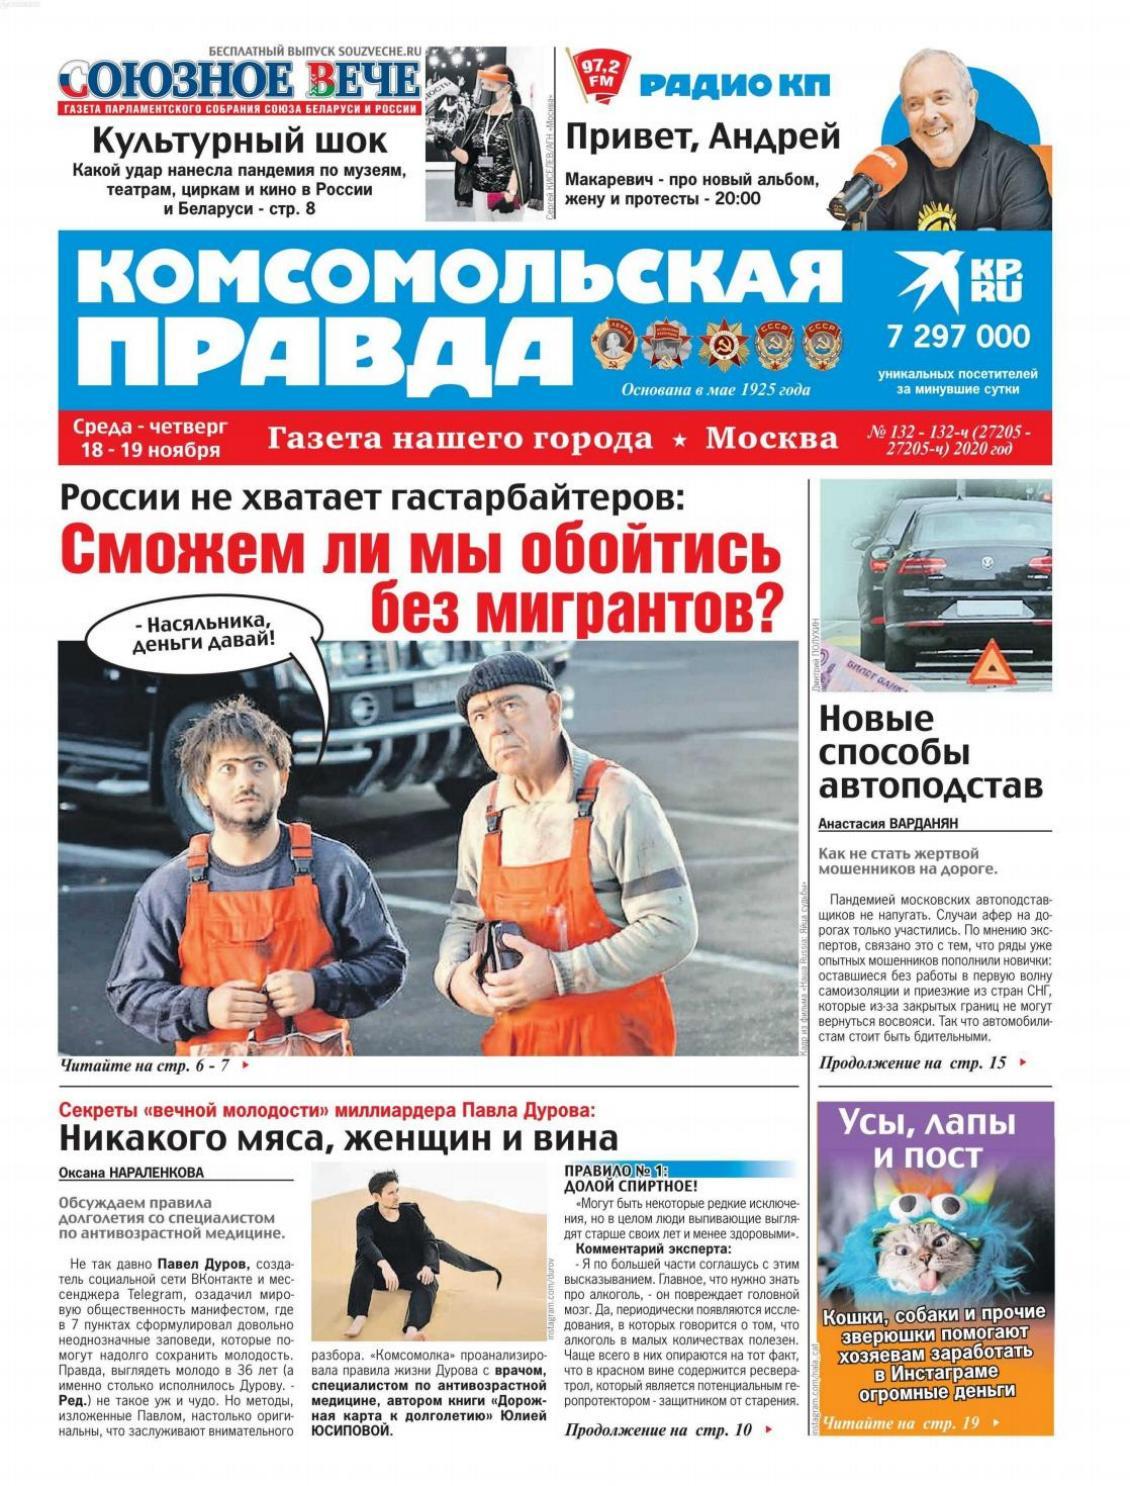 Комсомольская правда №132, ноябрь 2020